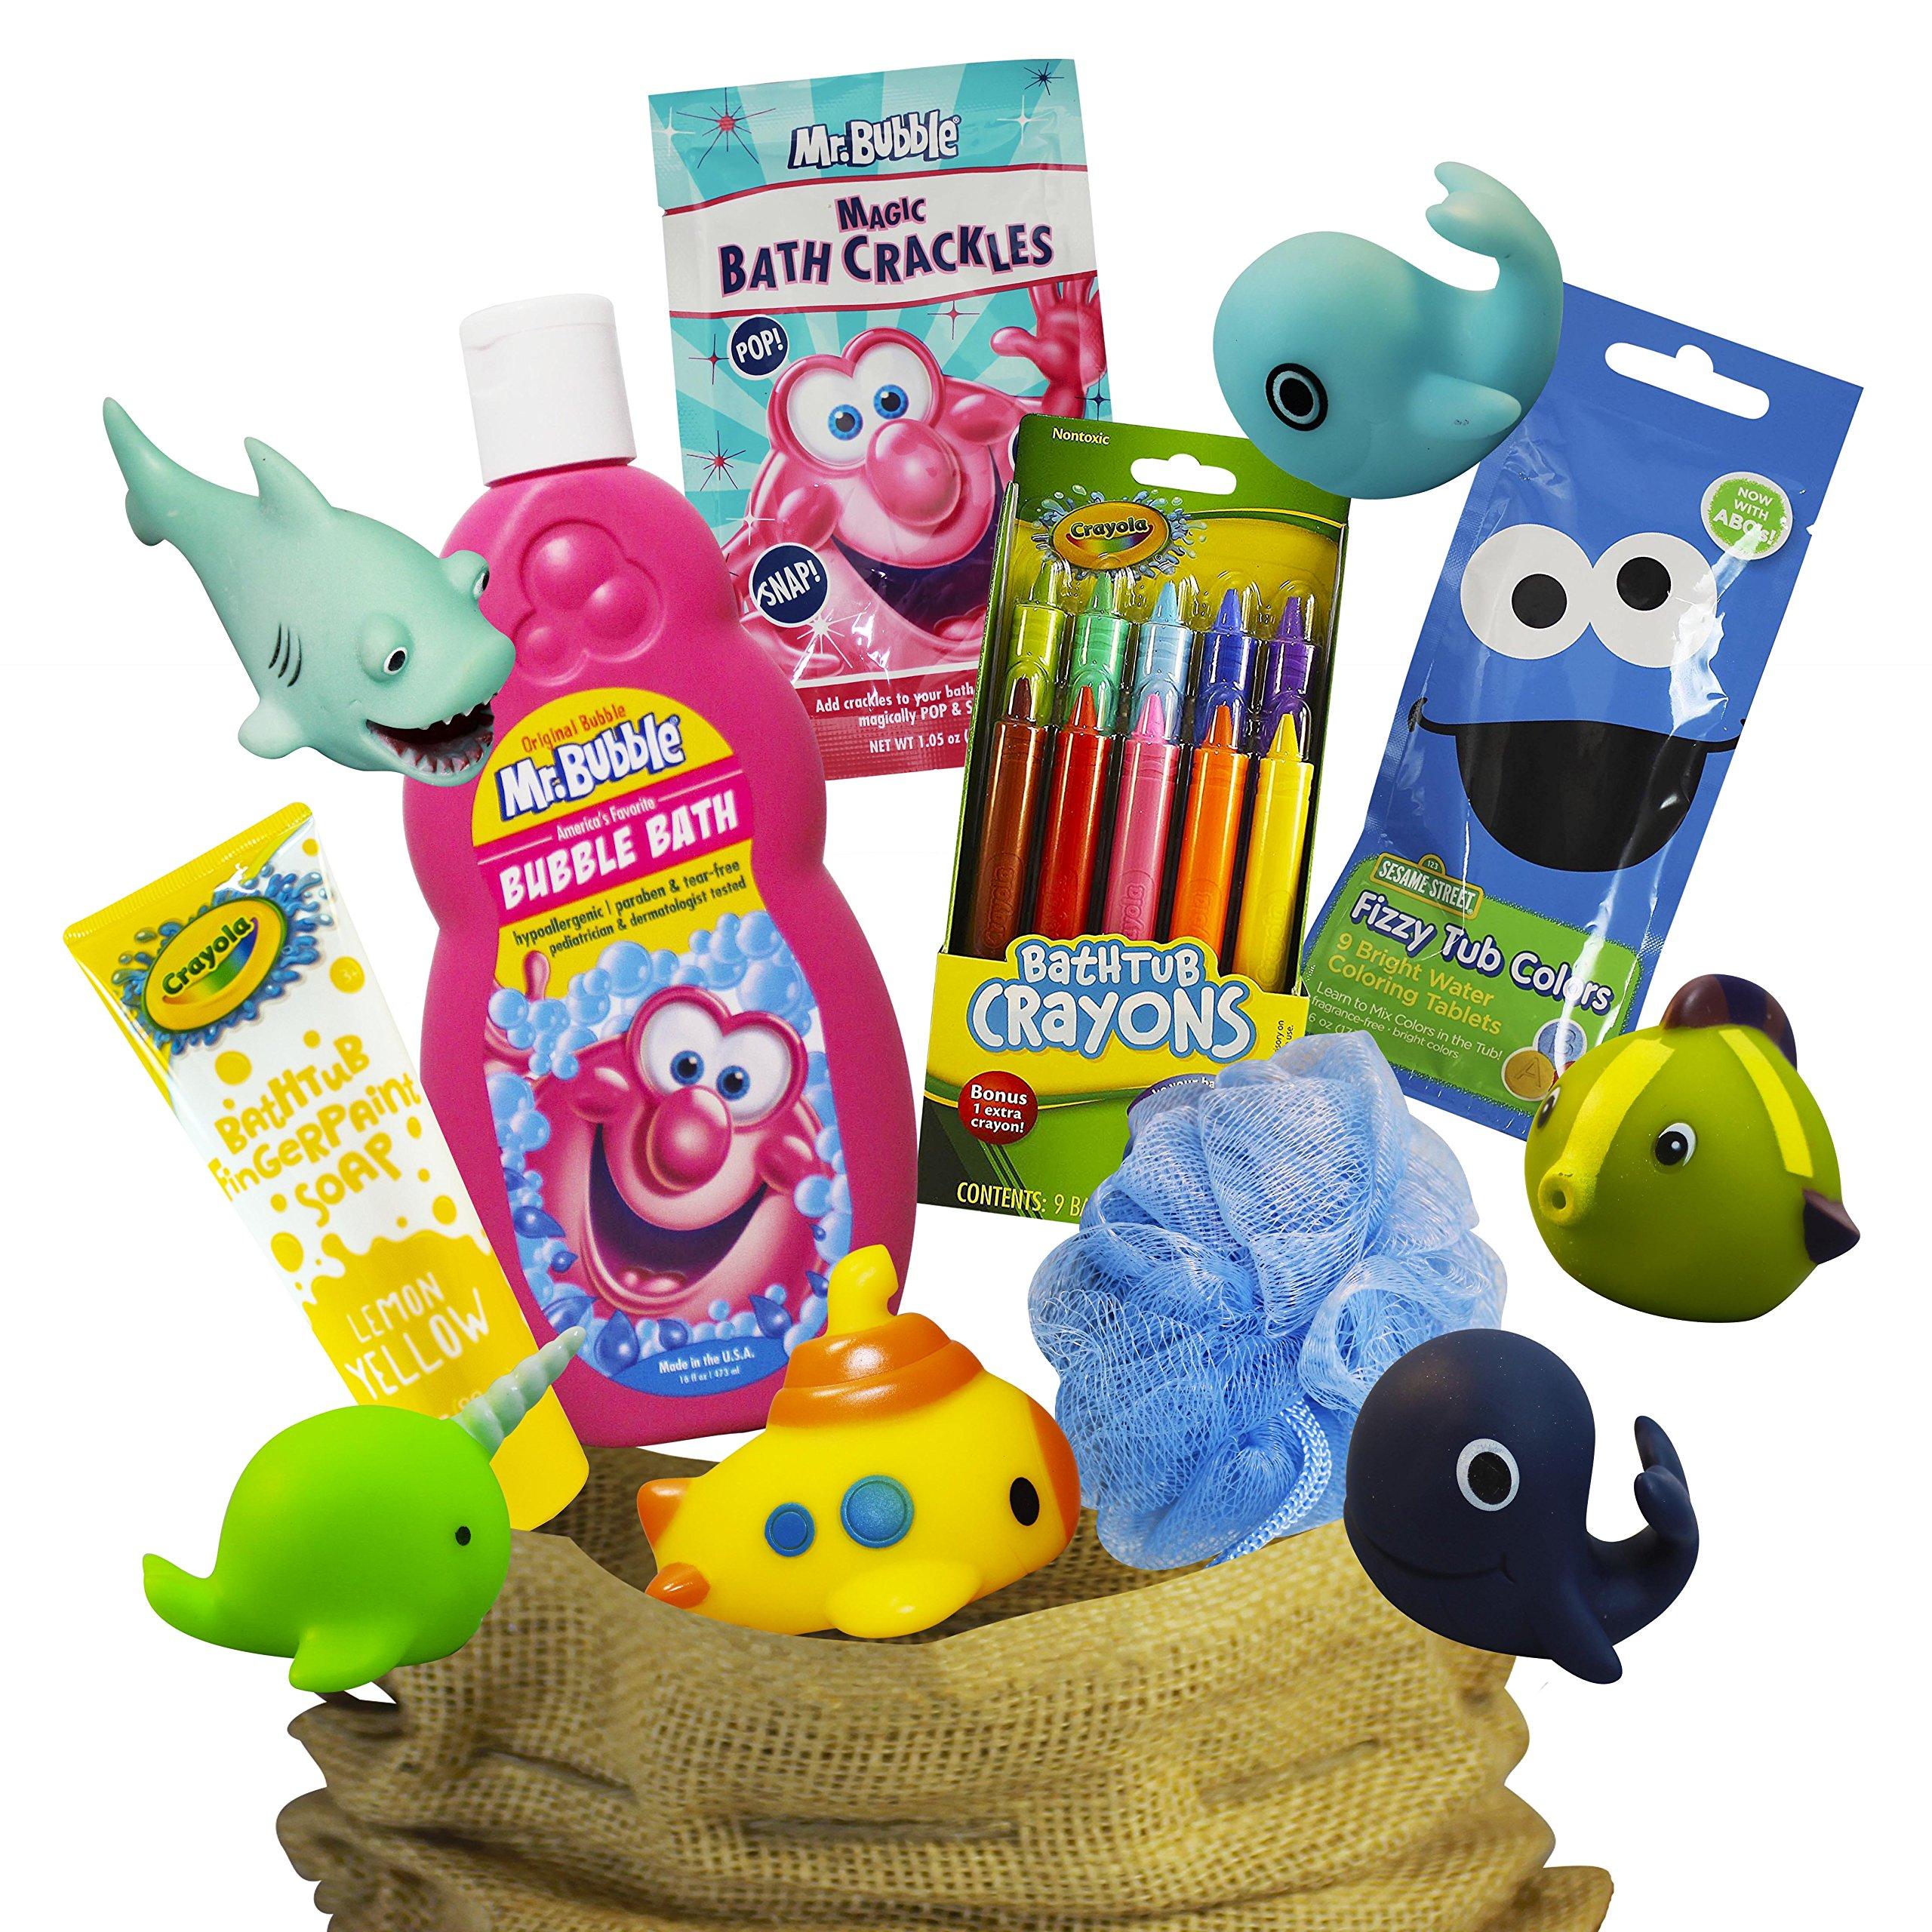 Mr Bubble Bath Time Fun Set Featuring Mr Bubble Bath, Crayola Bath Tub Crayons, Mr Bubble Bath Crackles, Color Drops, Bath FIngerpaint, Body Pouf, and Bath Squirters